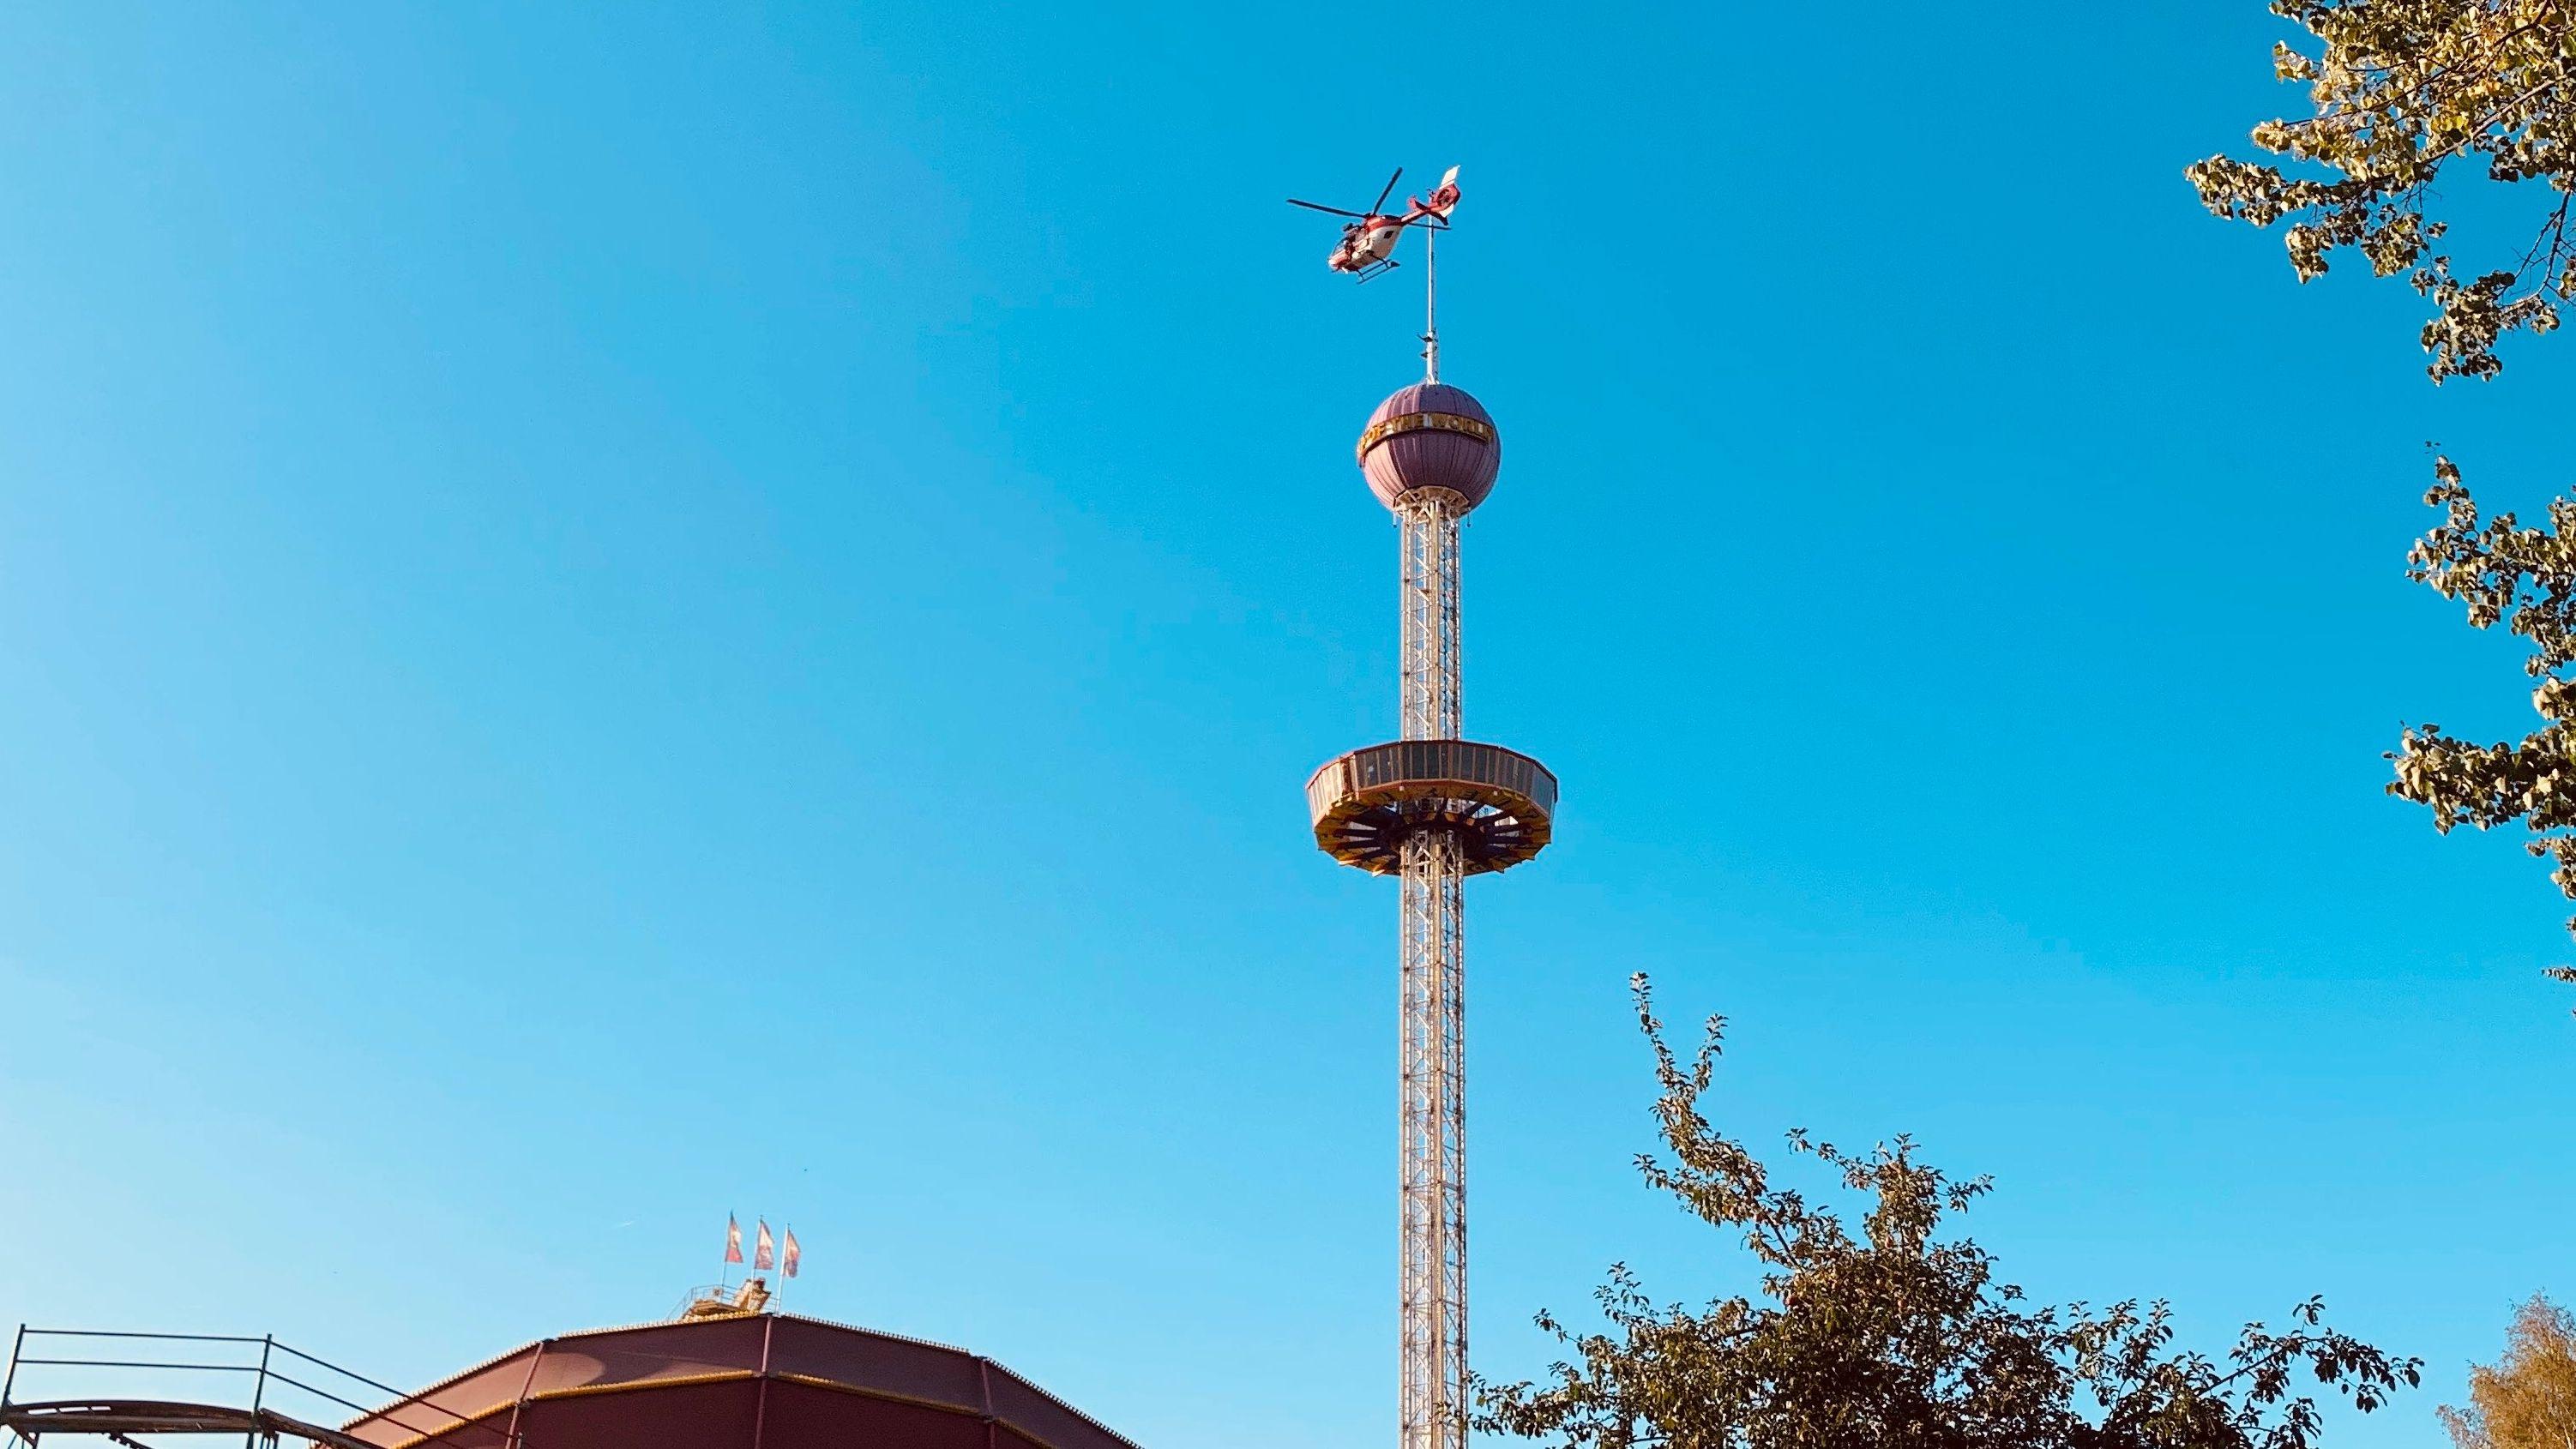 Ein Hubschrauber fliegt über einem Aussichtsturm im Freizeitland Geiselwind.